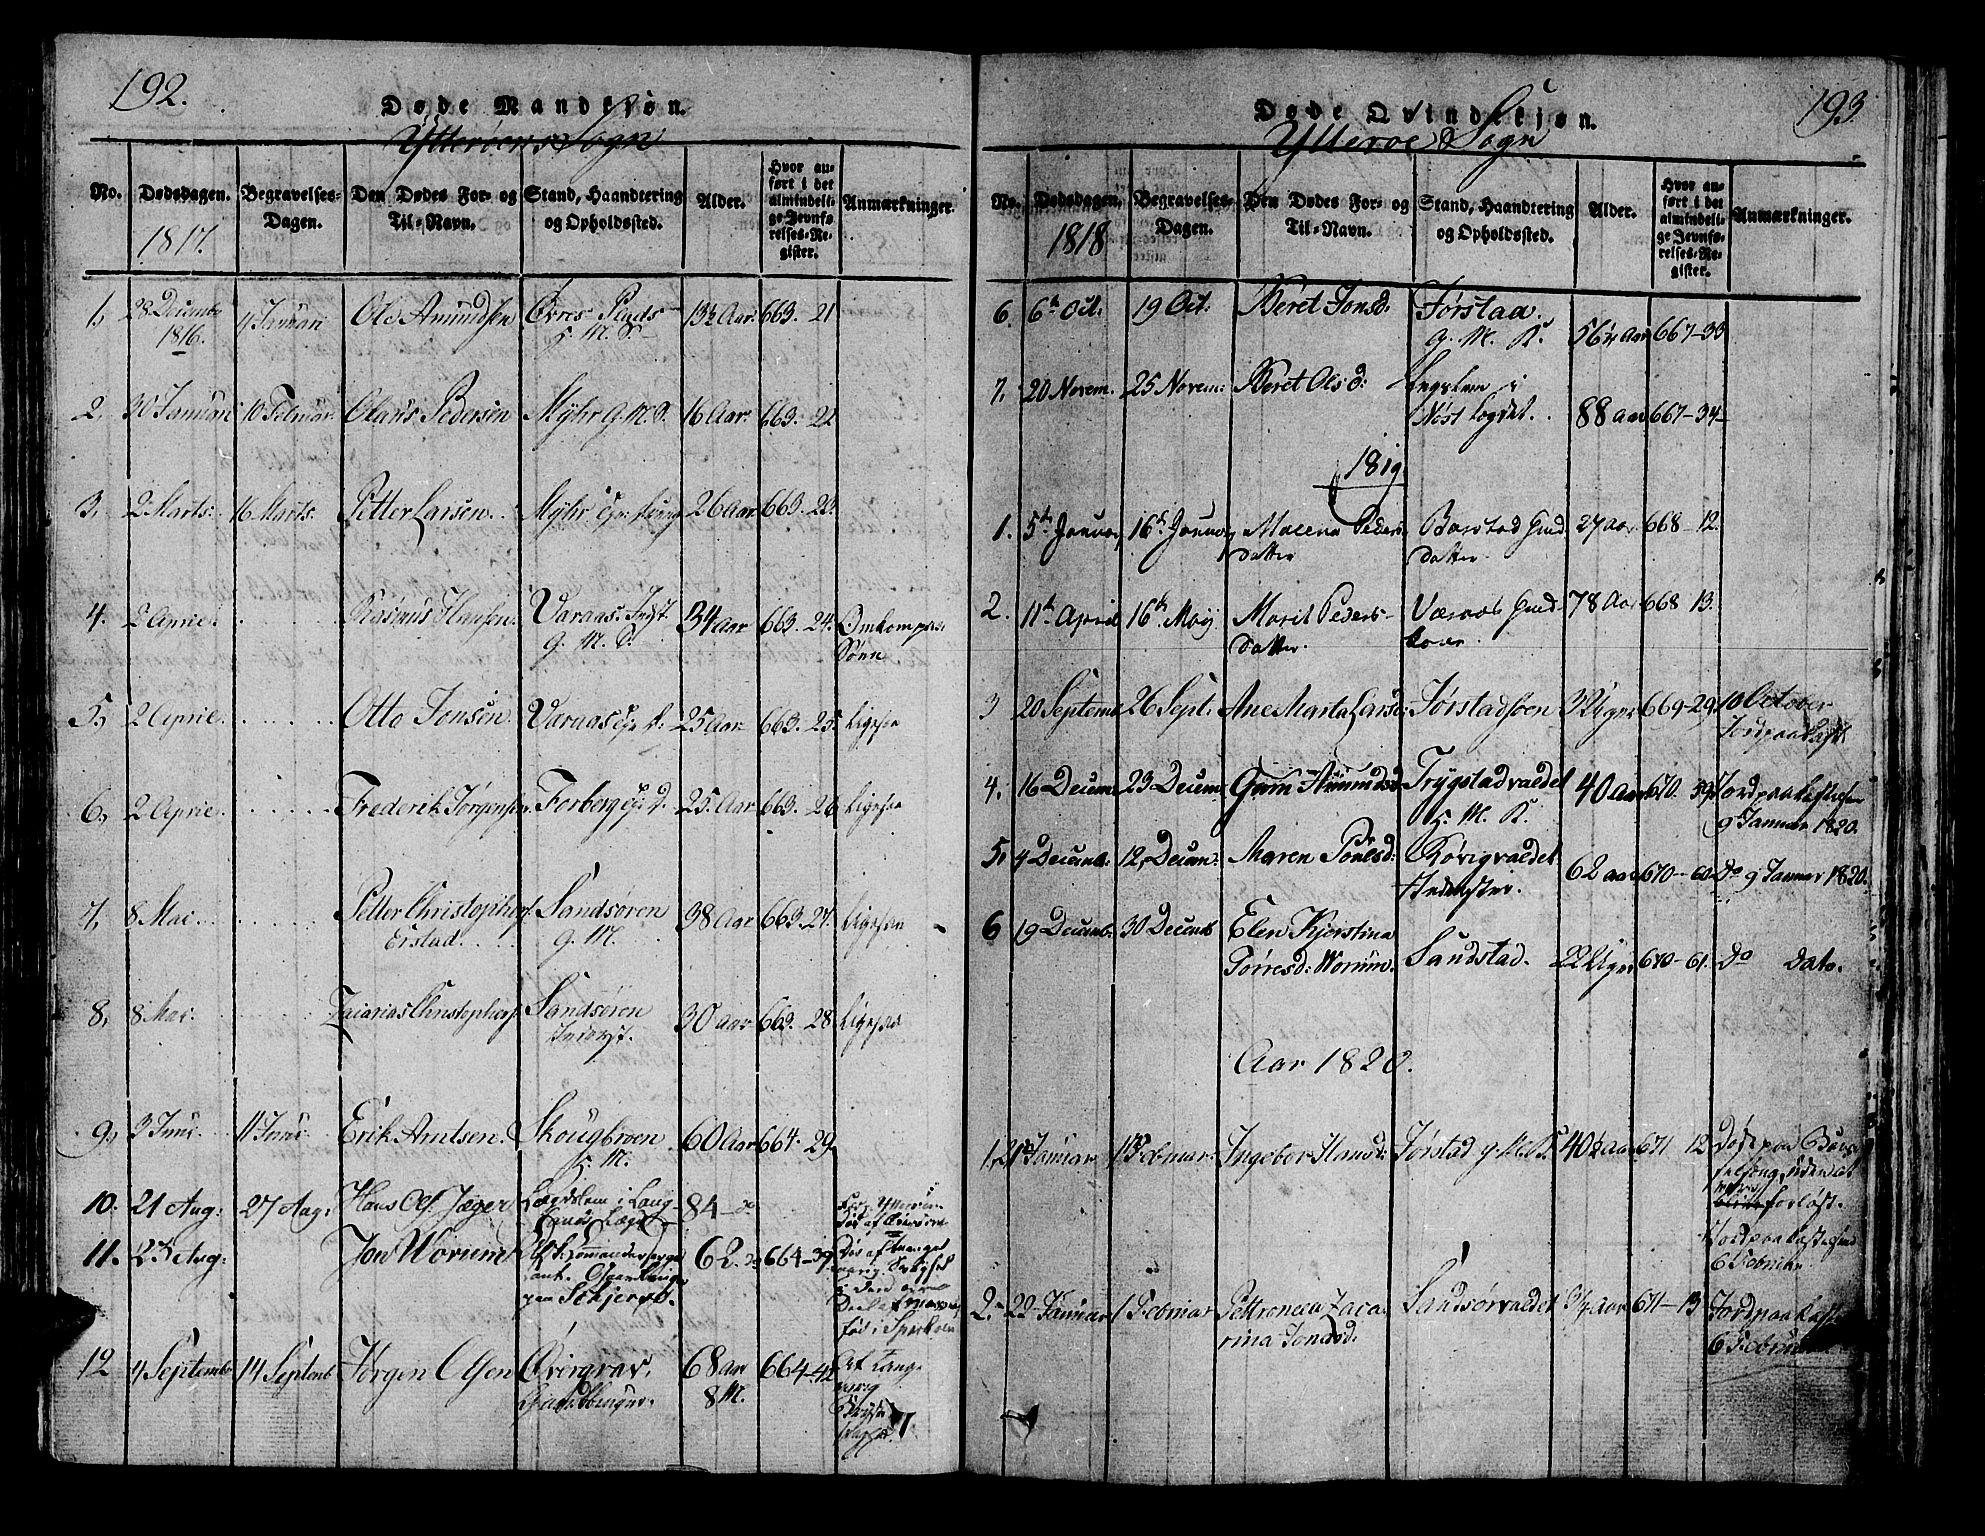 SAT, Ministerialprotokoller, klokkerbøker og fødselsregistre - Nord-Trøndelag, 722/L0217: Ministerialbok nr. 722A04, 1817-1842, s. 192-193